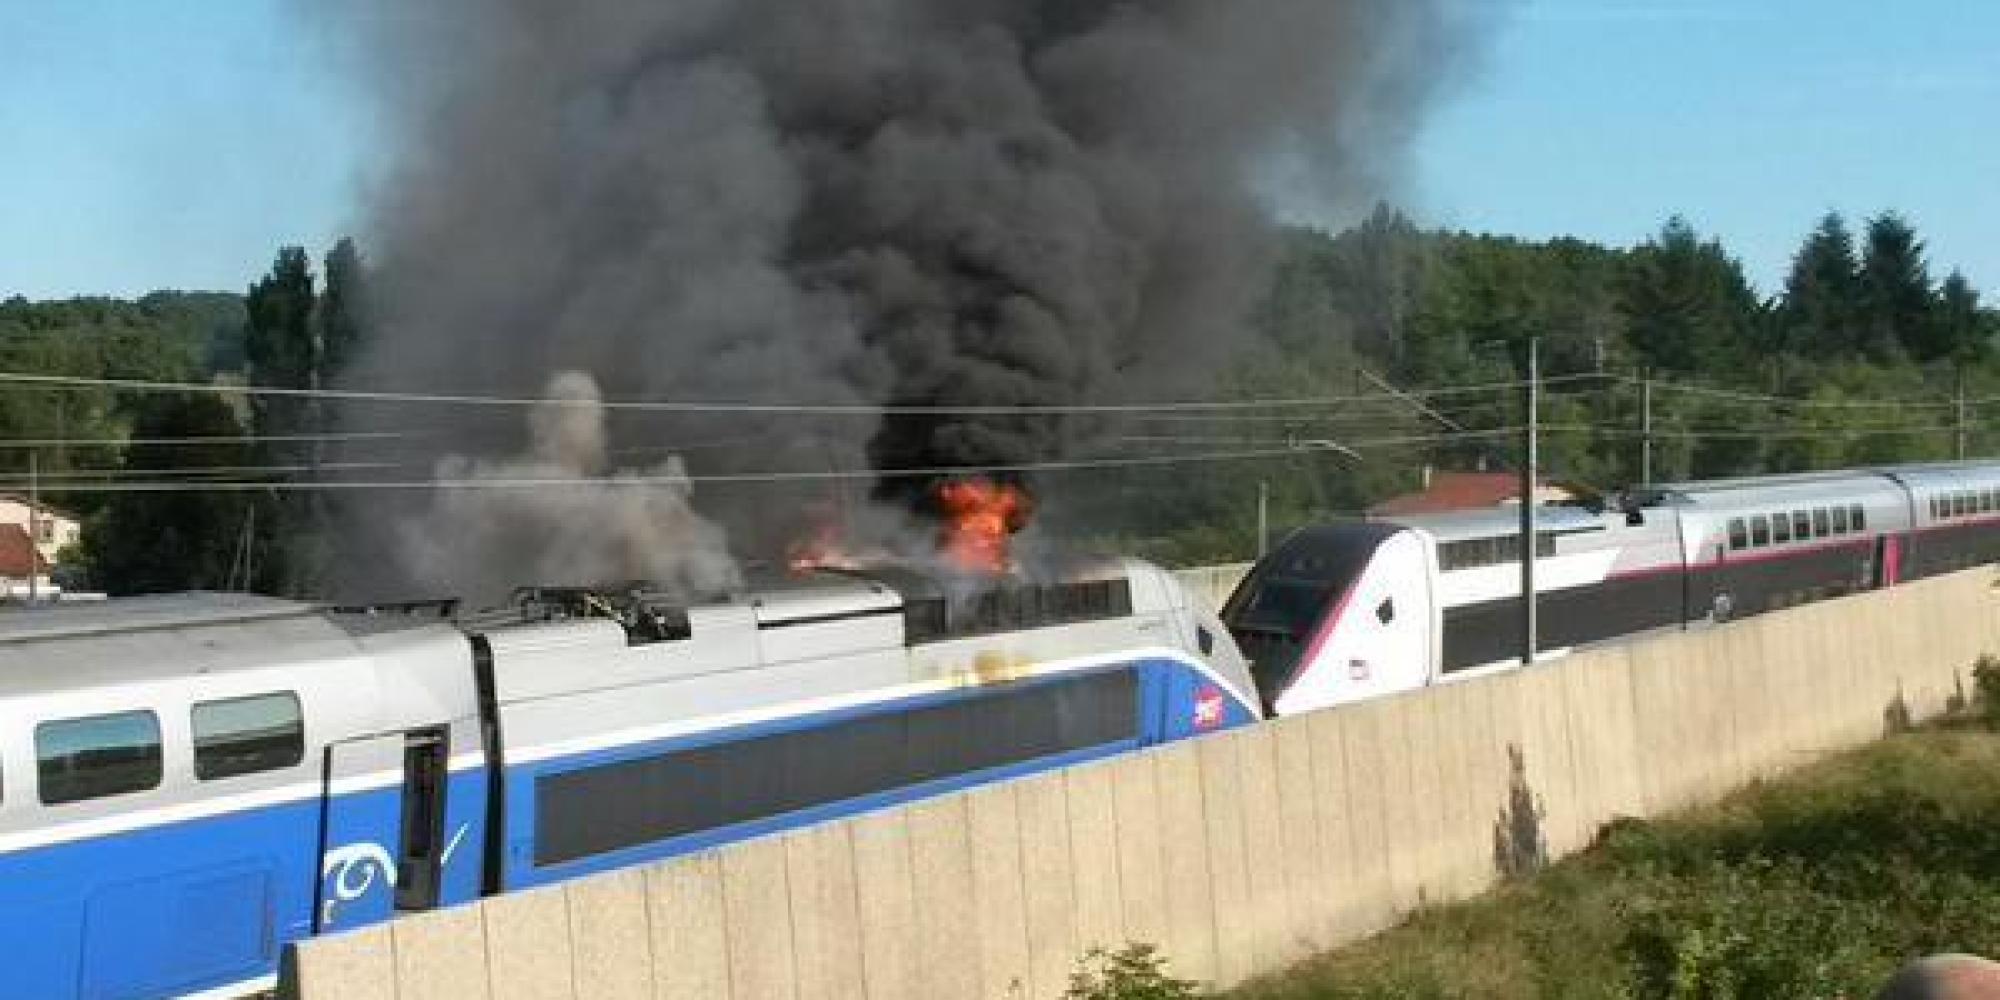 photos l 39 incendie d 39 un tgv perturbe le trafic des trains sur l 39 axe paris marseille. Black Bedroom Furniture Sets. Home Design Ideas